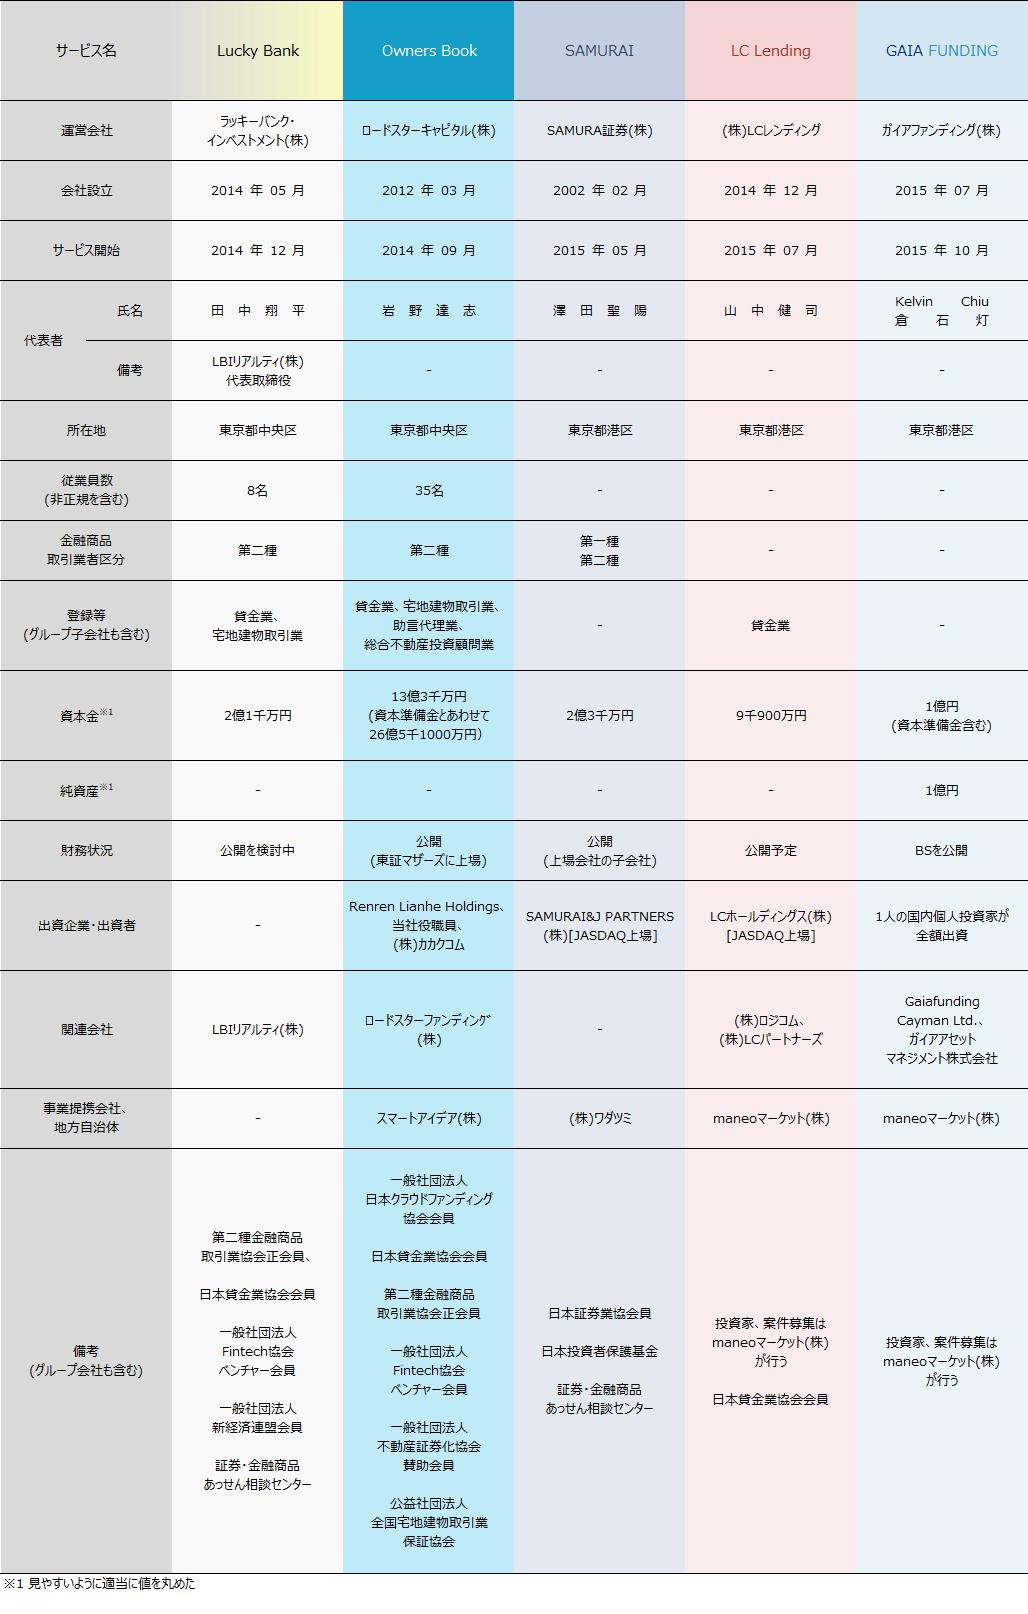 02_ソーシャルレンディング業者比較2018年4月